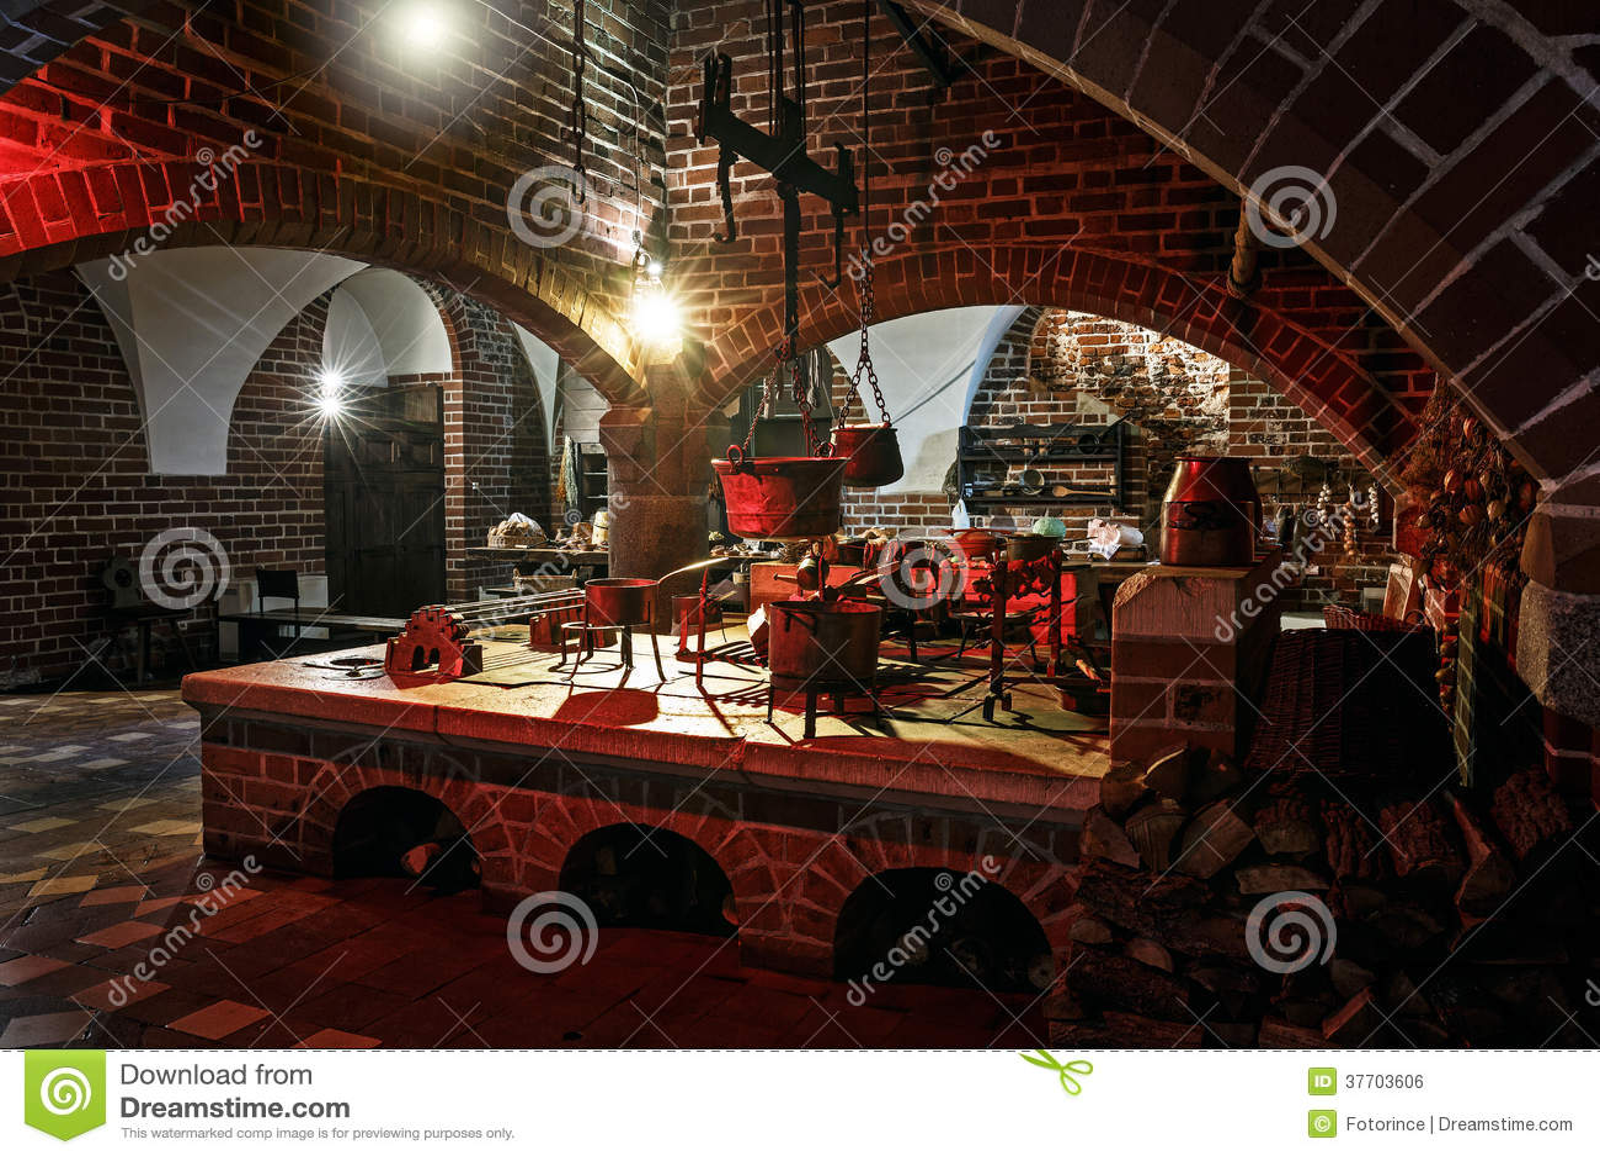 Cuisine de style ancien image libre de droits image 37703606 - Cuisine style ancien ...